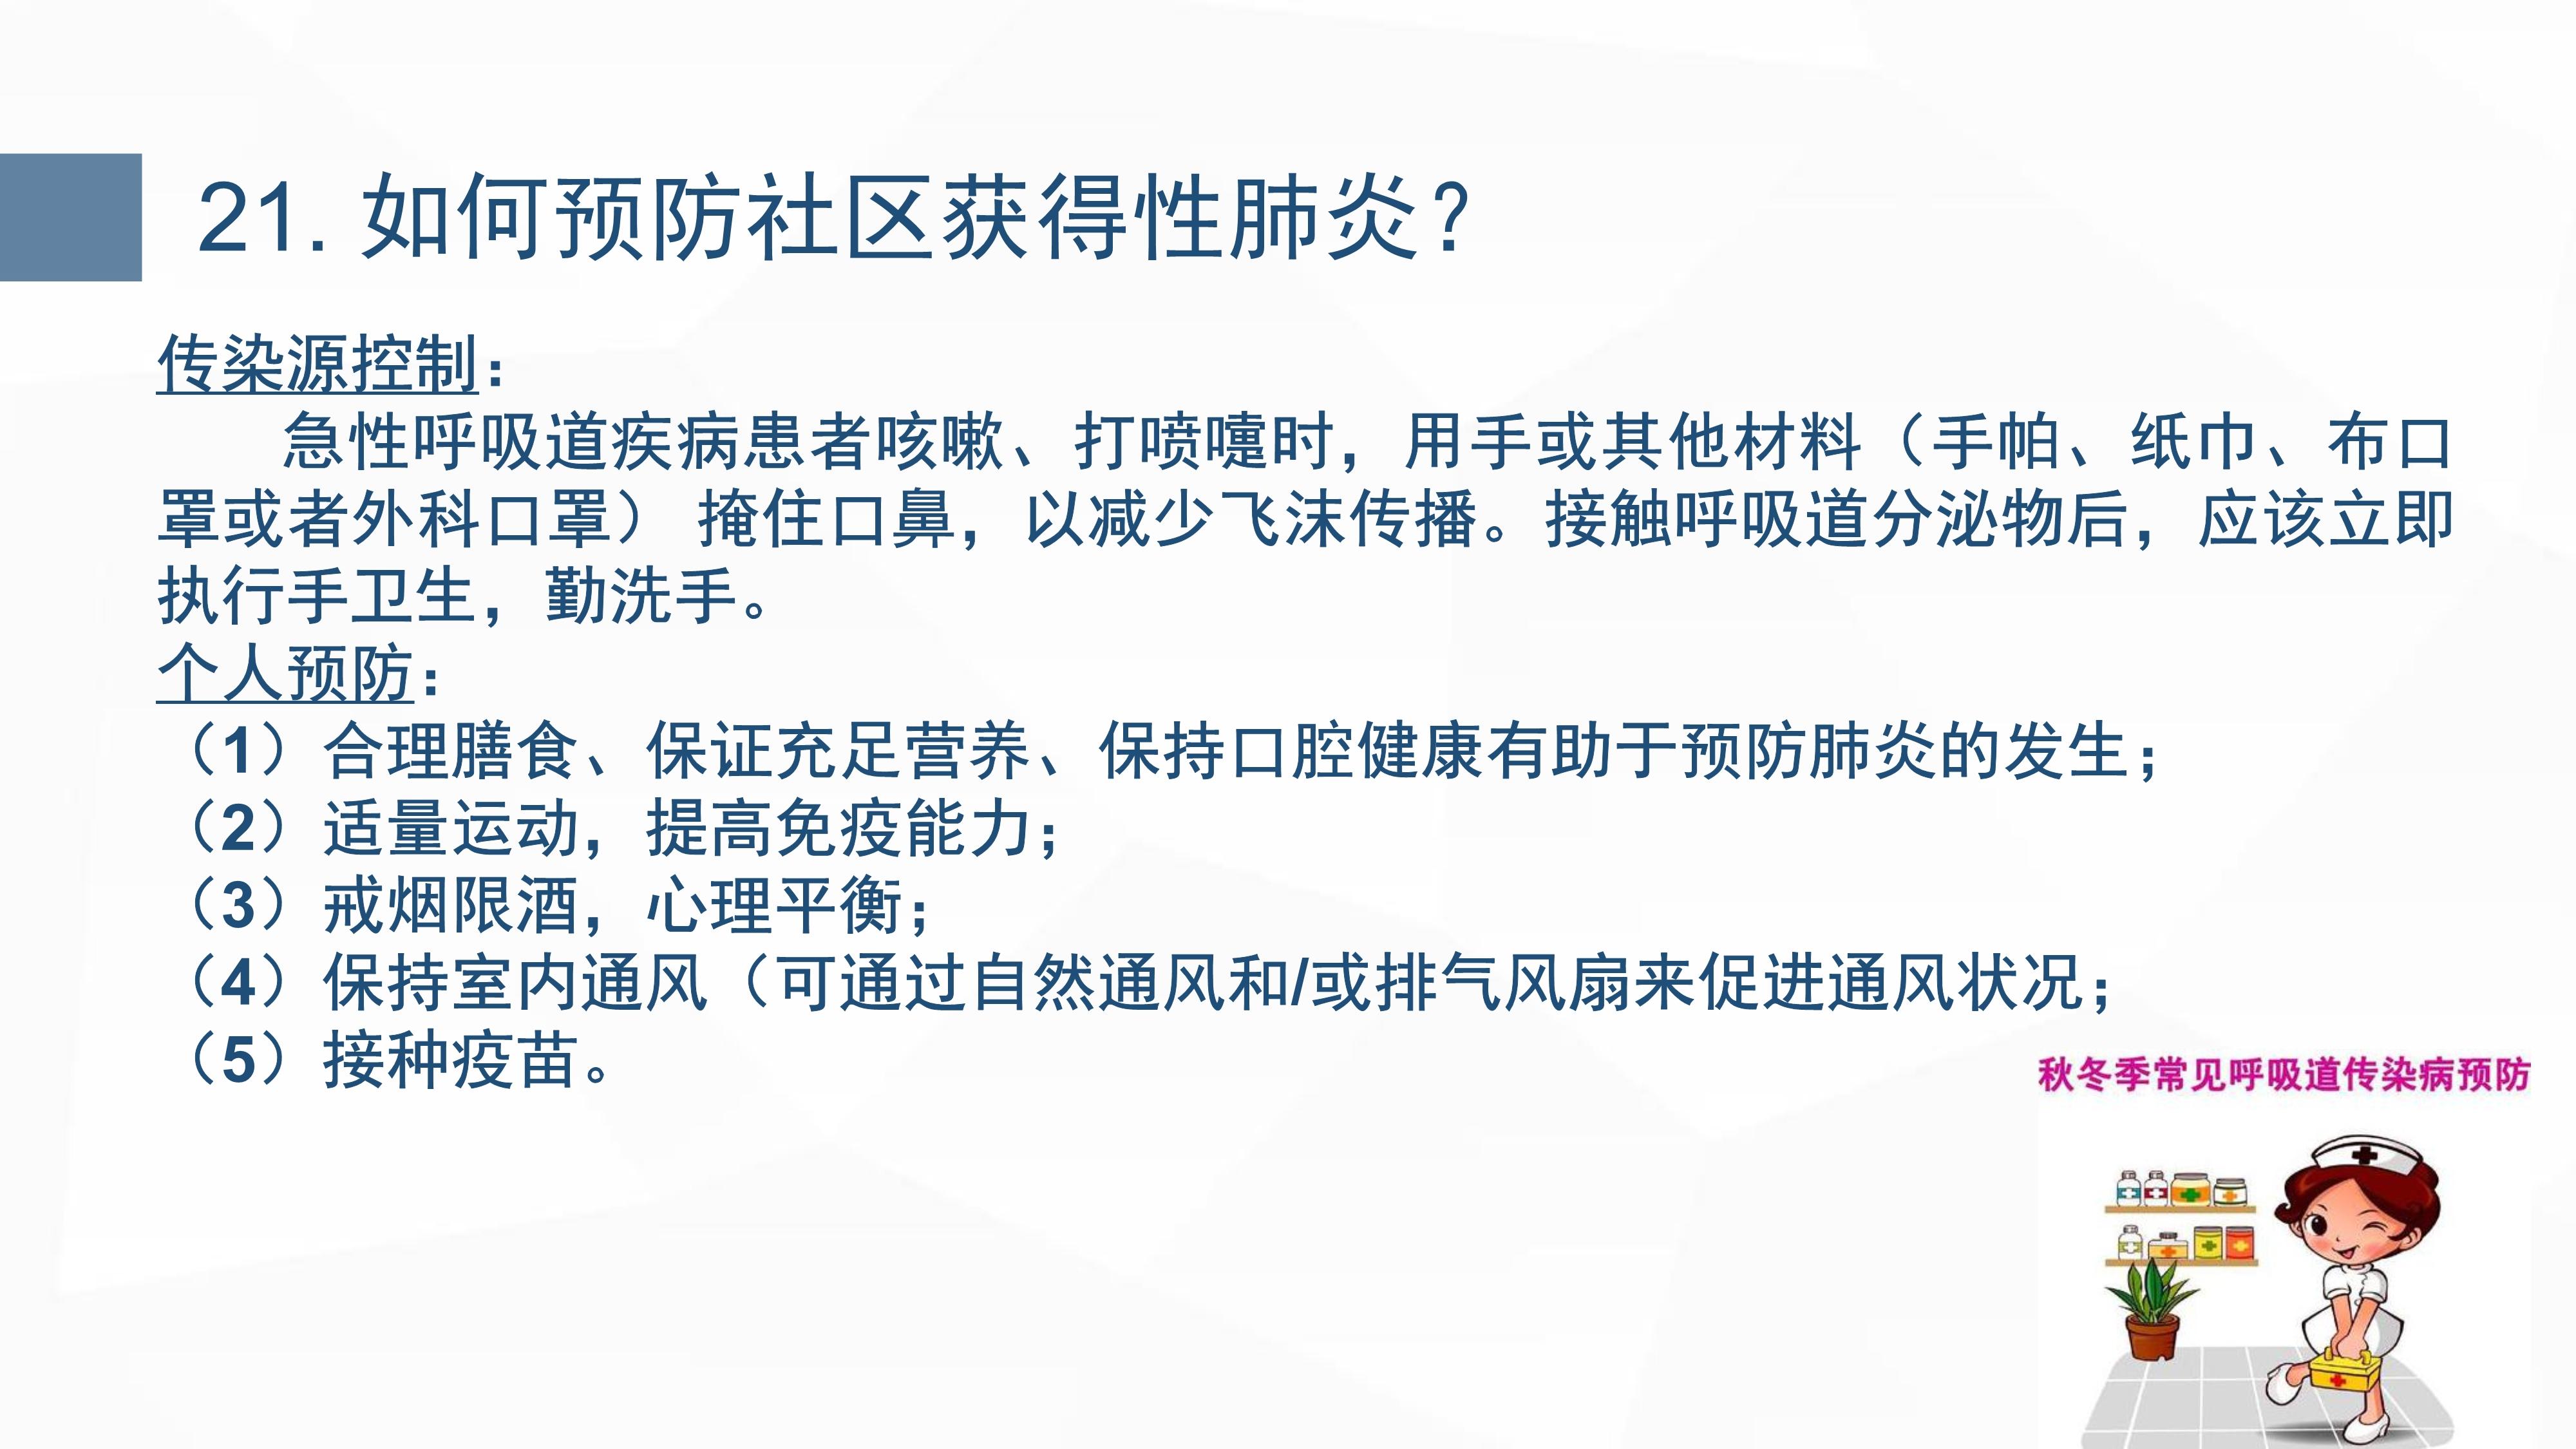 新型冠状病毒肺炎预防手册_28